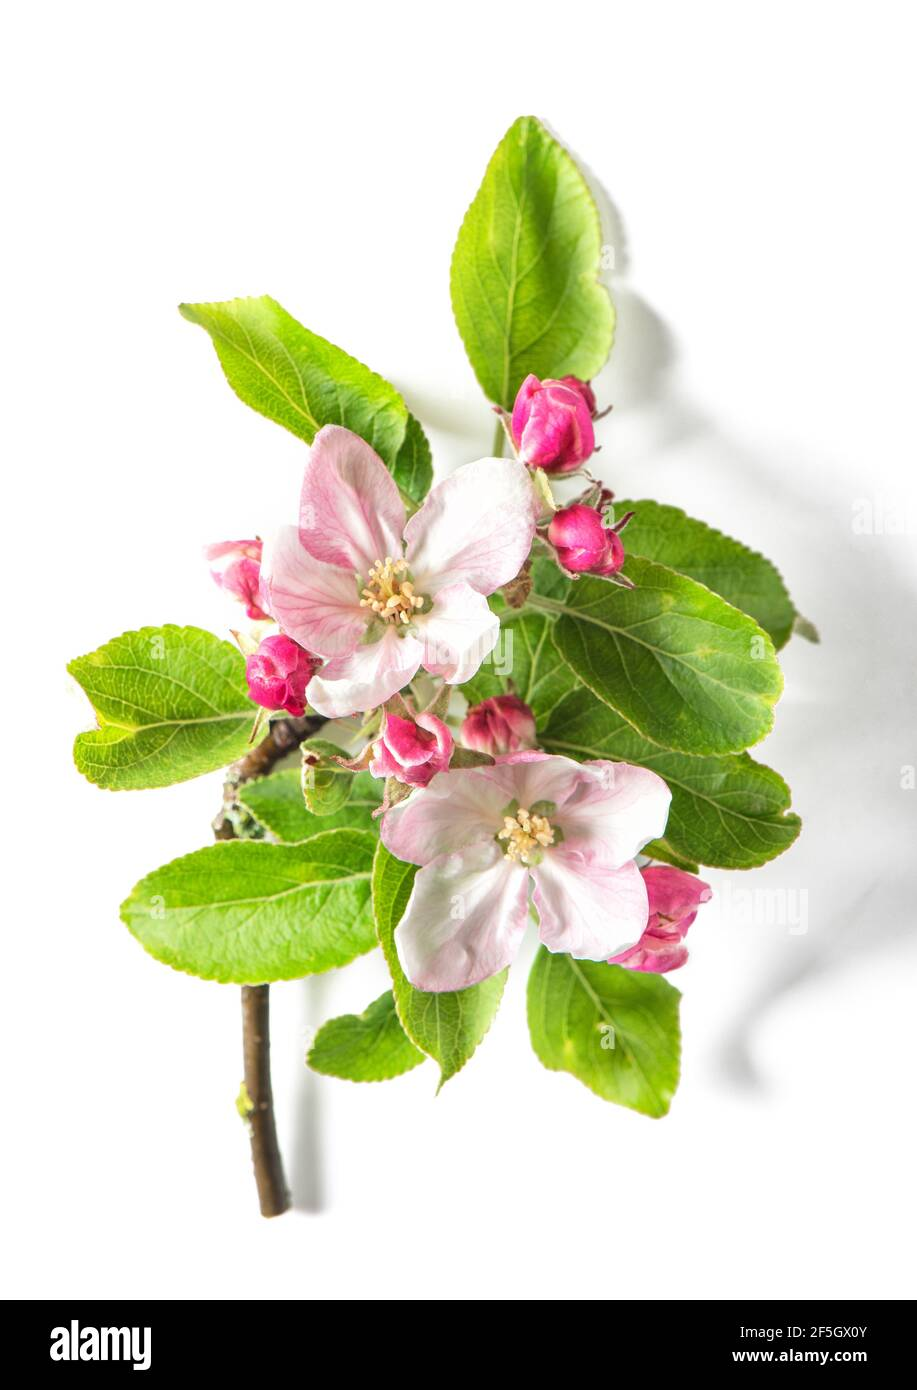 Fleurs de printemps. Pommier fleuri avec des feuilles vertes sur fond blanc Banque D'Images